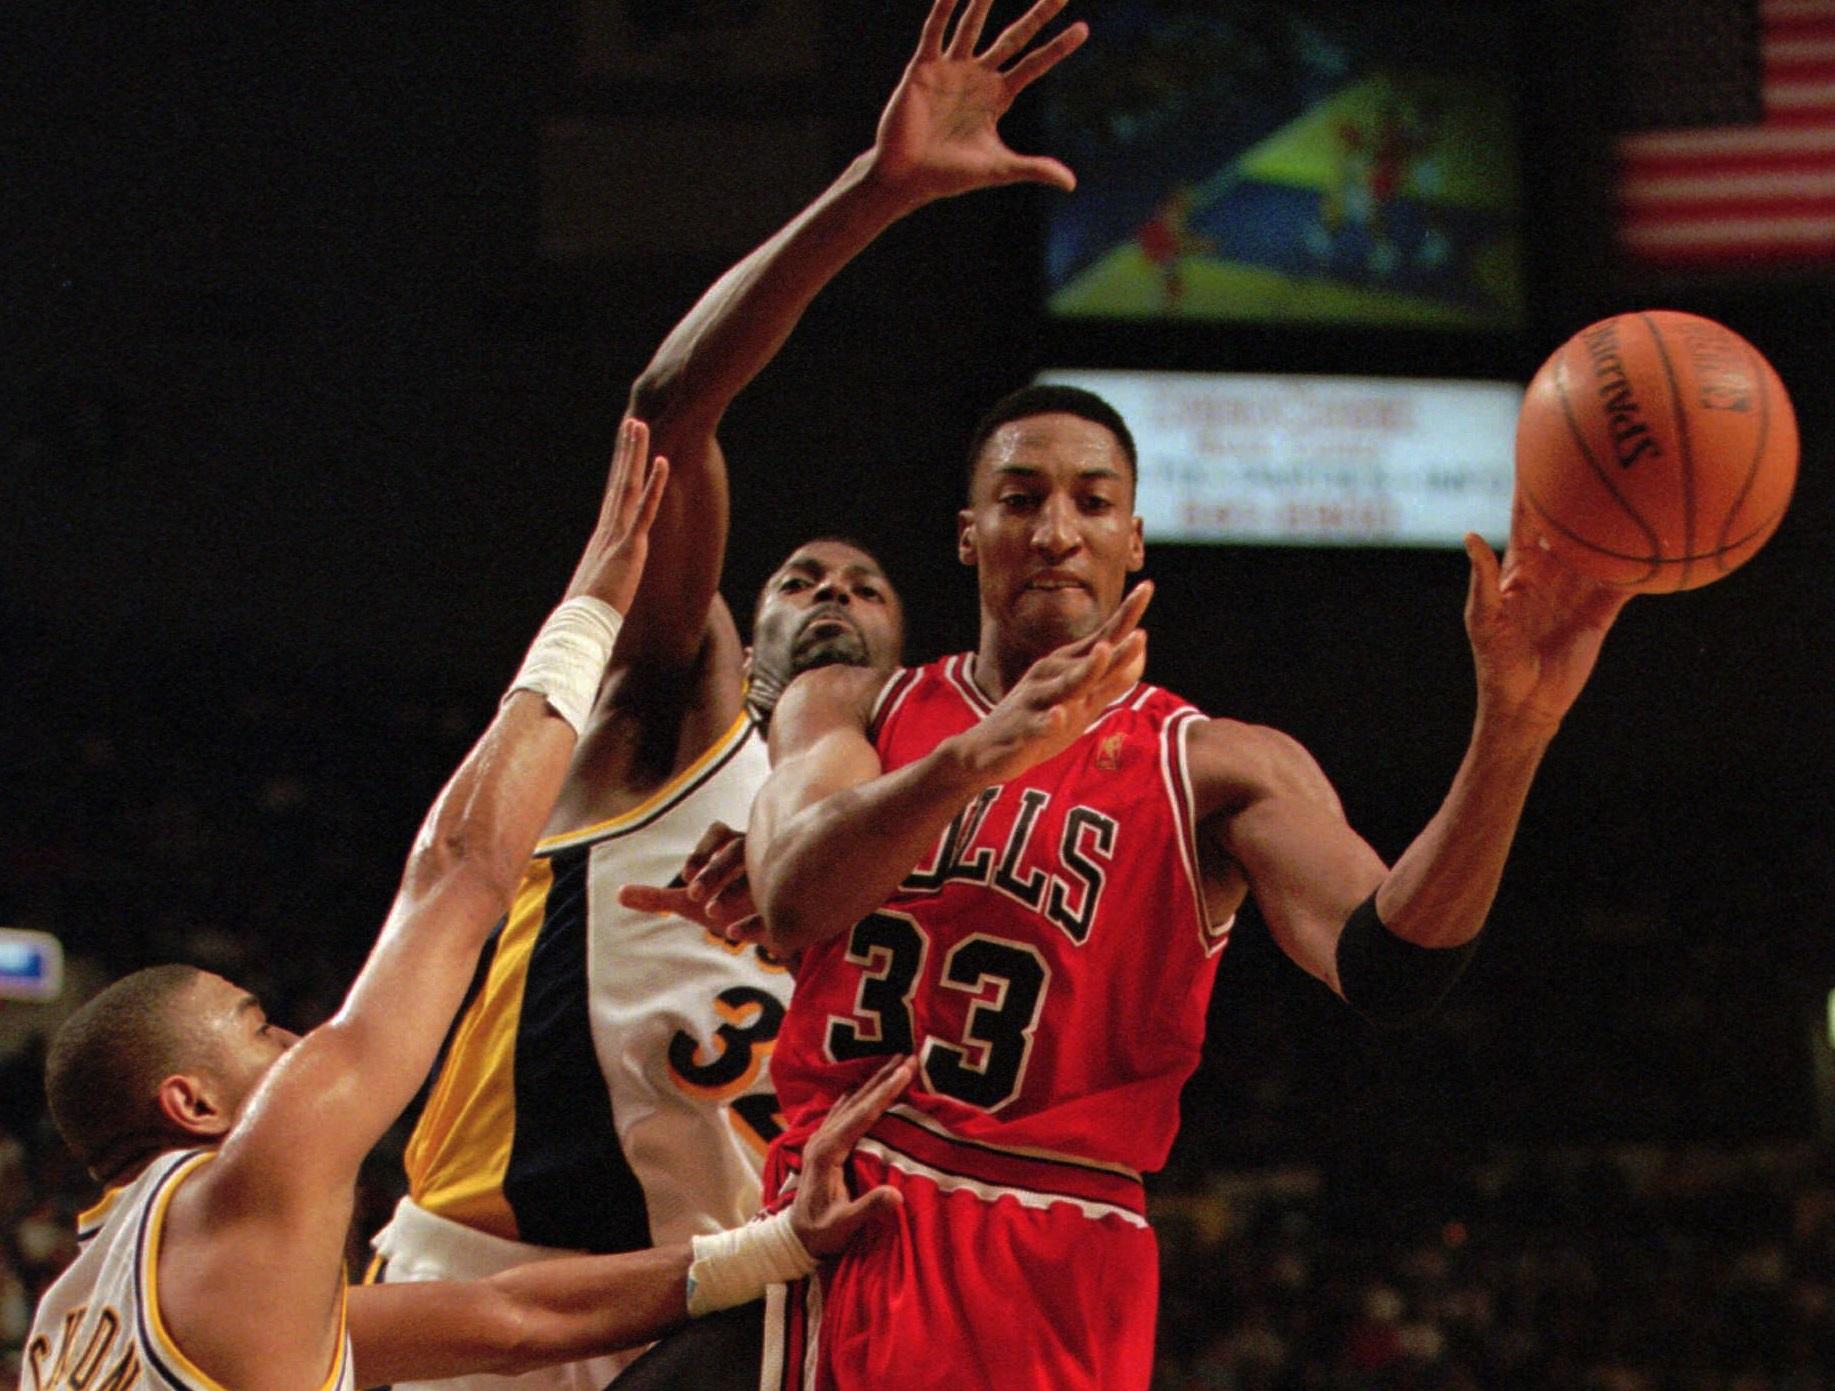 Jordan's Former Agent: Scottie Pippen is Jealous of MJ